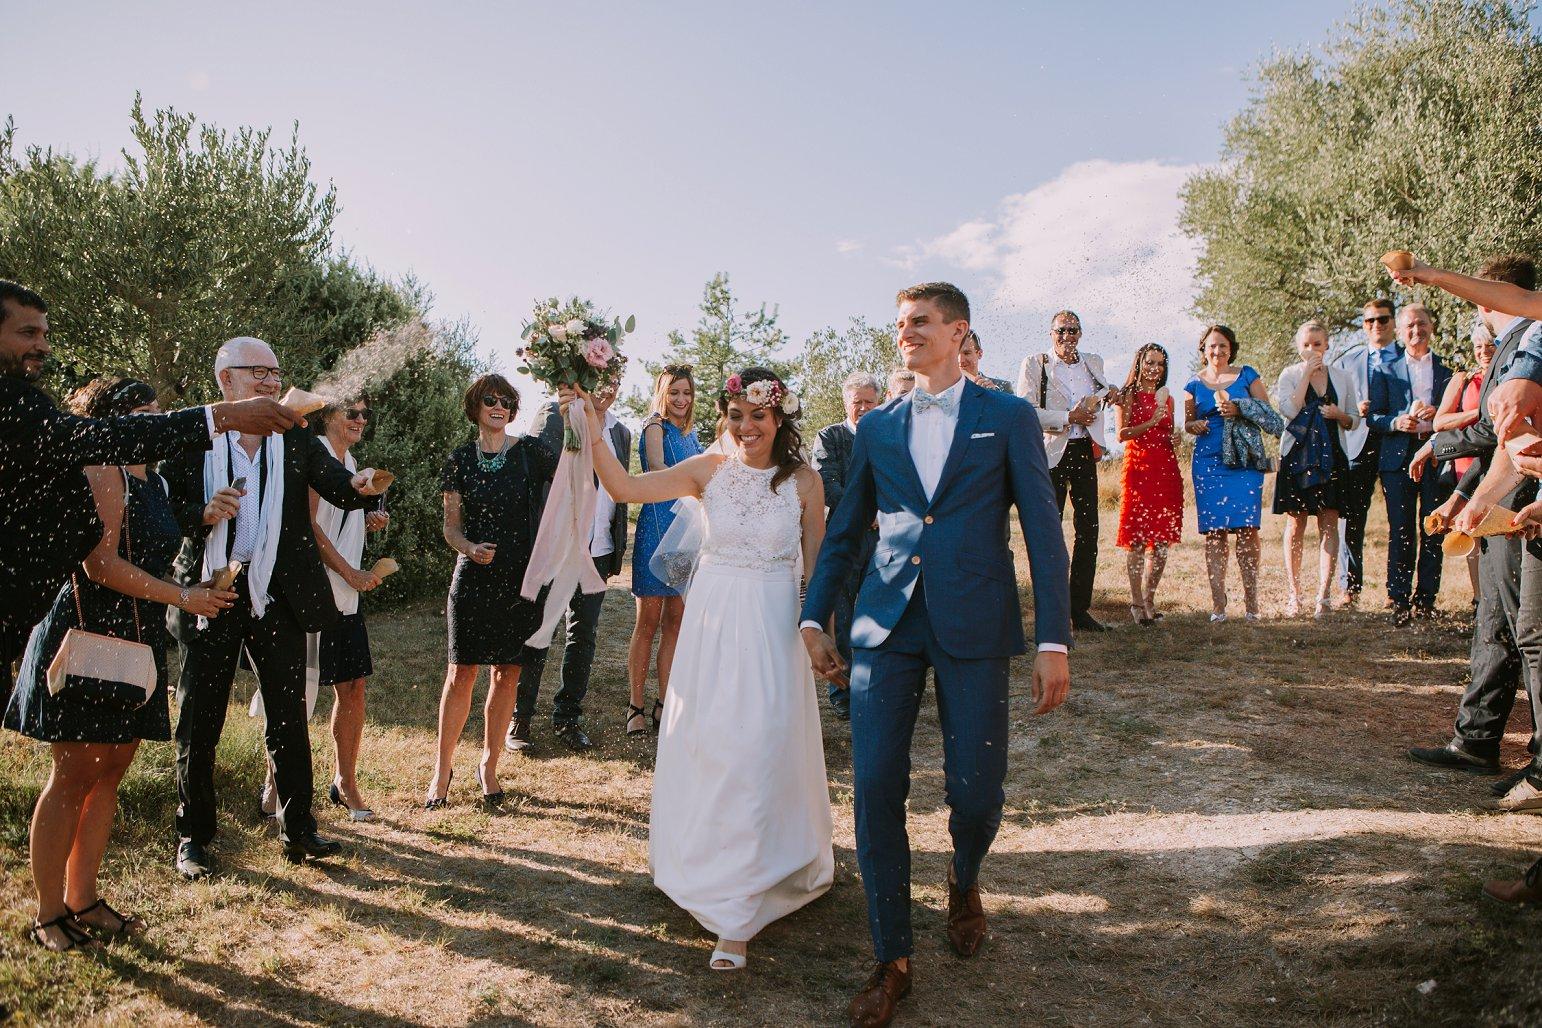 kateryna-photos-mariage-wedding-france-ardeche-domaine-clos-hullias-Saint-Christol-de-Rodière-gard-cevennes_0207.jpg